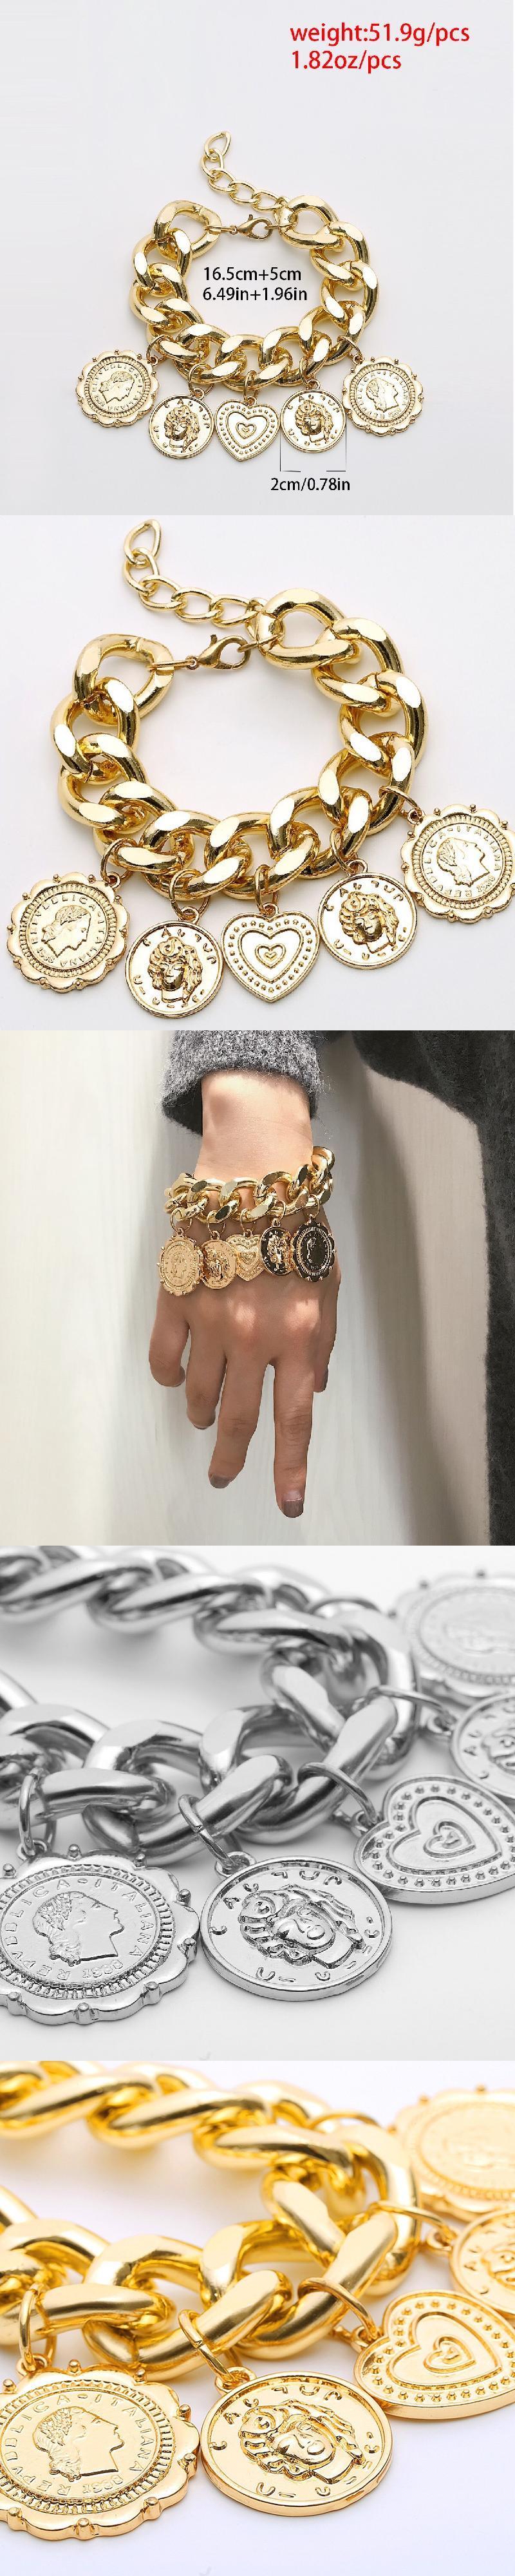 stainless+steel+jewelry Turkish Boho Coin Jewelry Tribal Ethnic Statement Bracelet girls bracelet